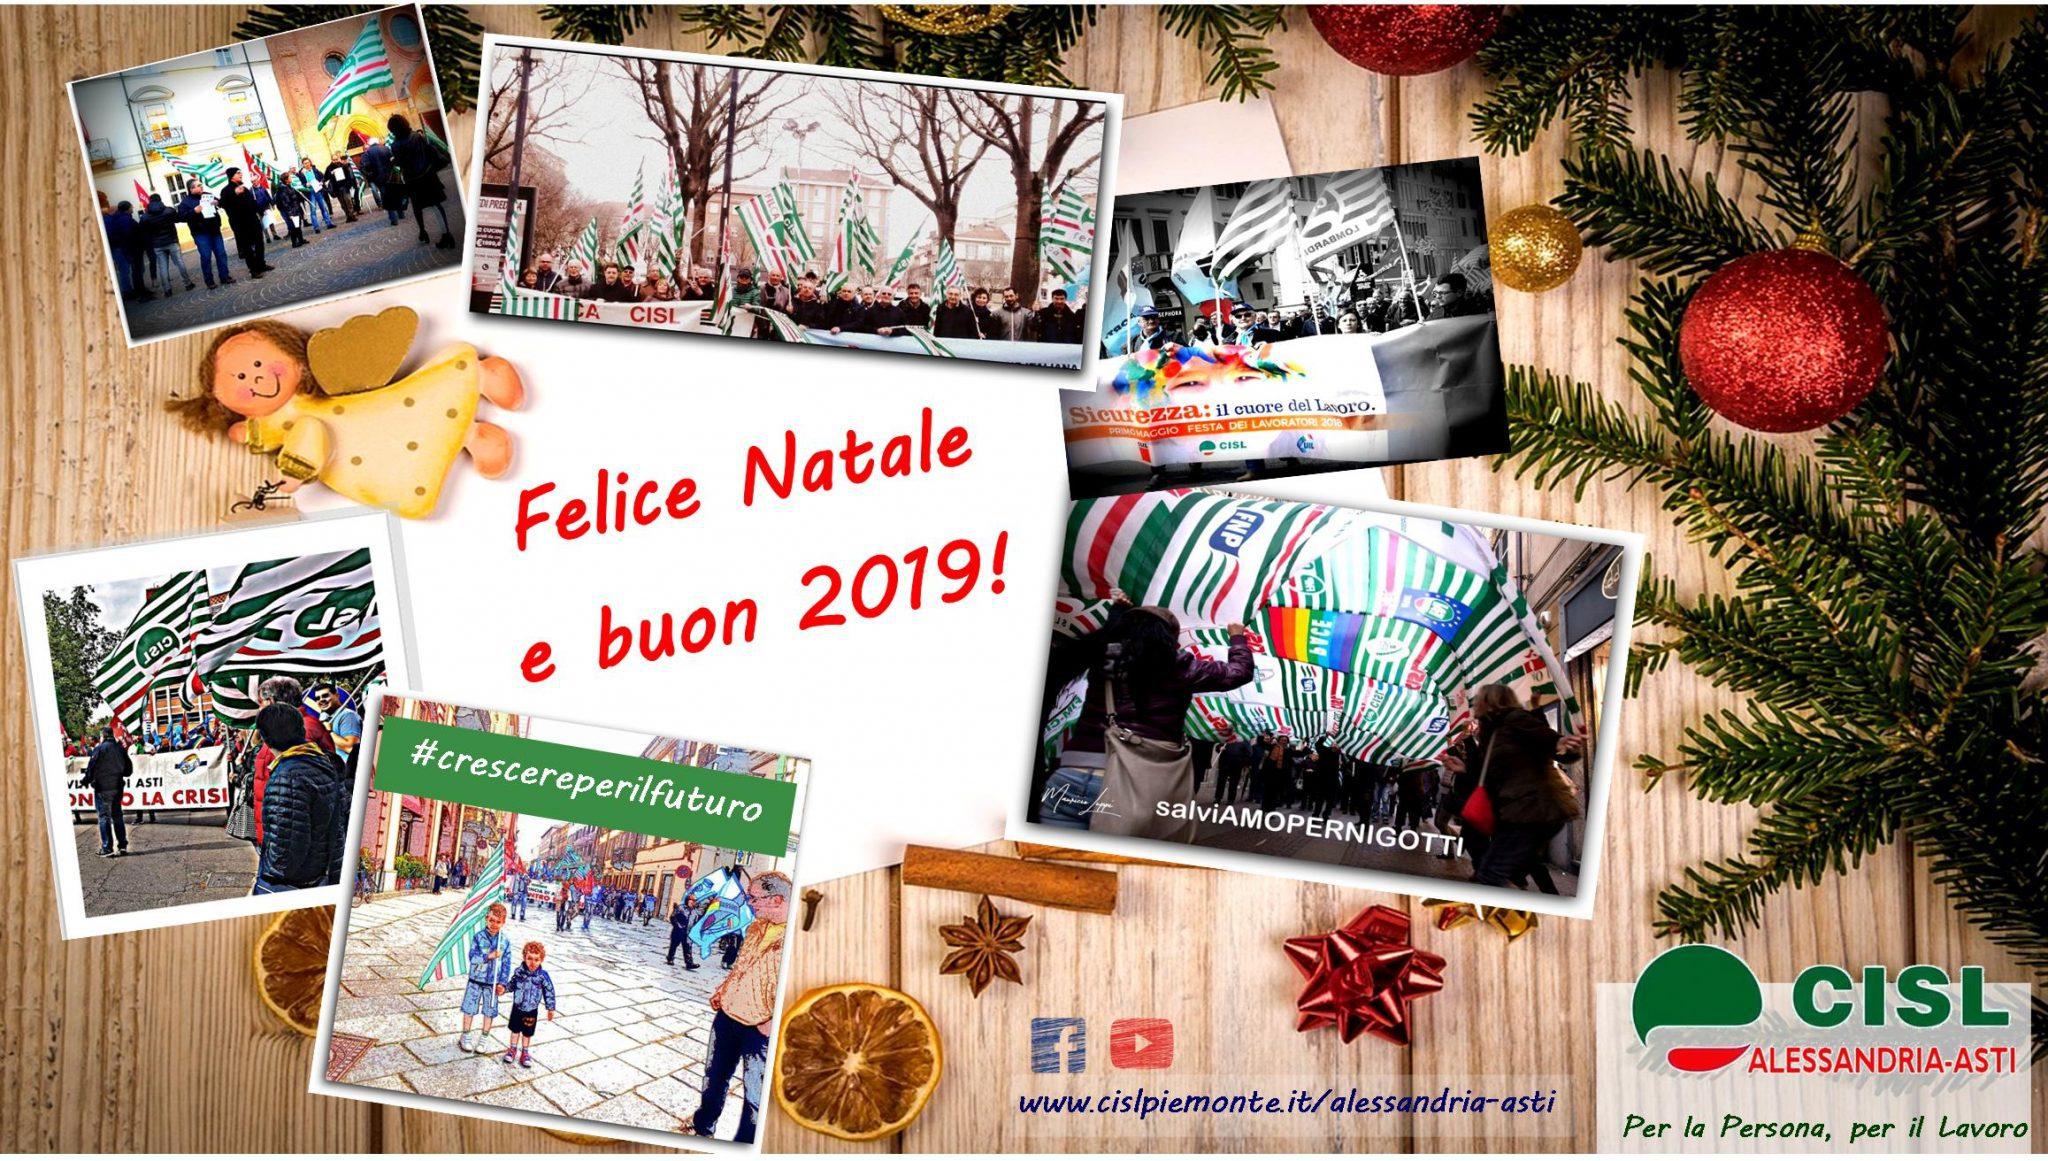 Buon Natale E Buone Feste Natalizie.Auguri Di Buone Feste Chiusura Sedi Cisl Alessandria Asti Per